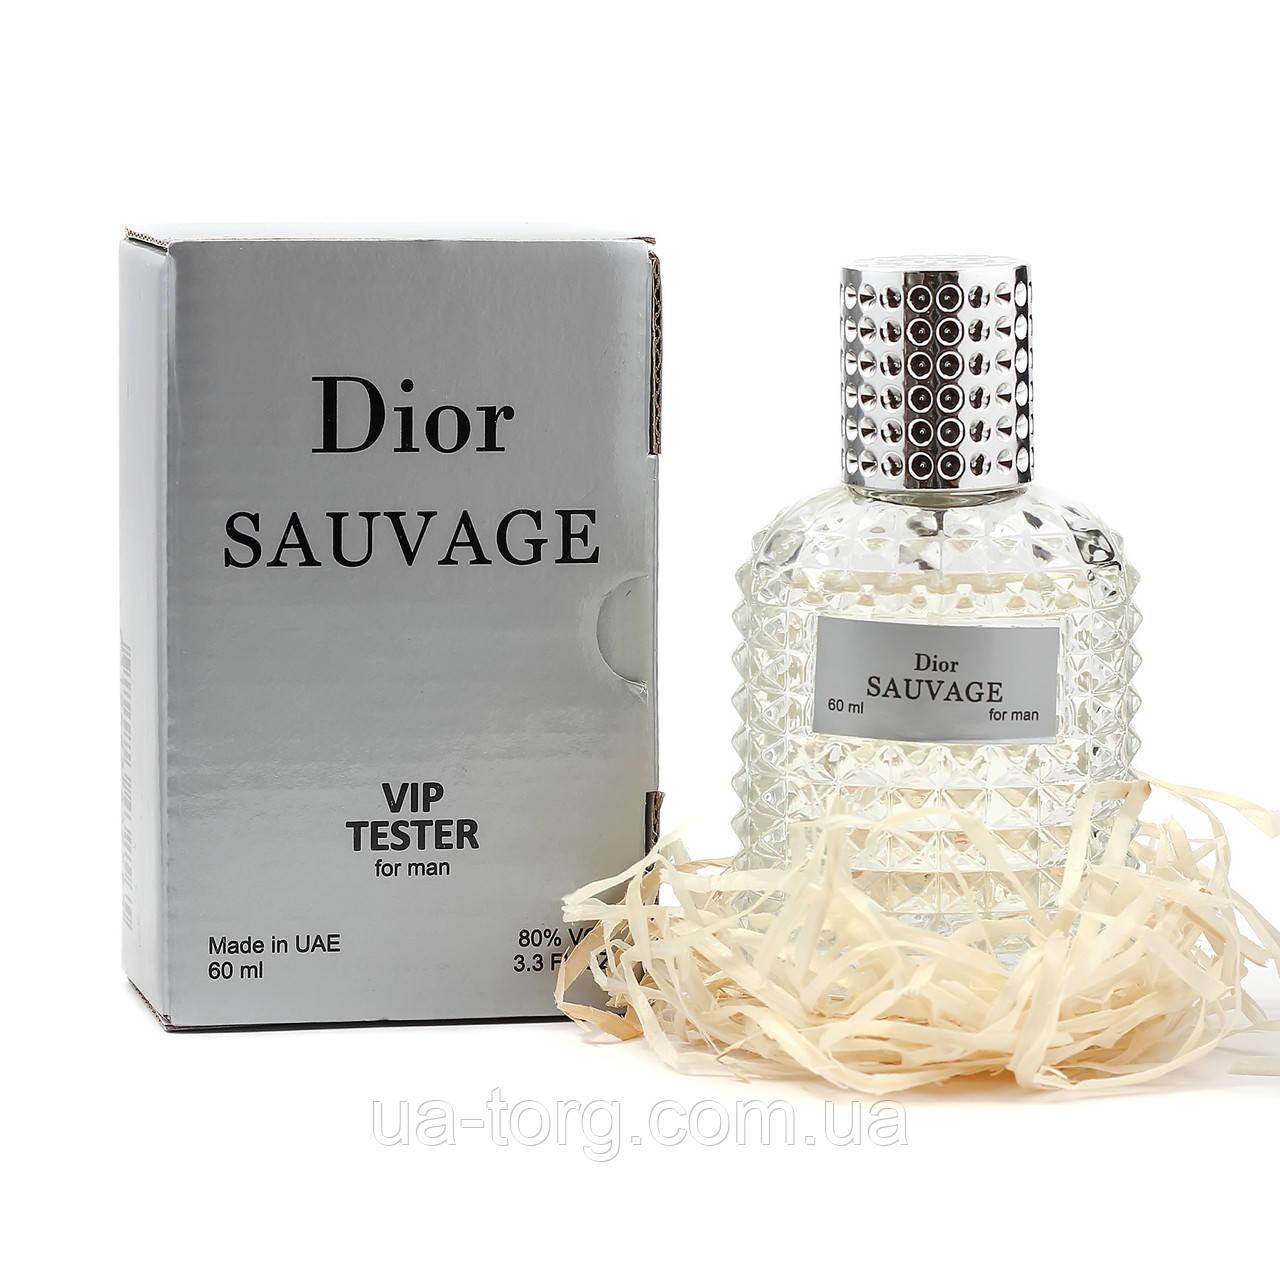 Christian Dior Sauvage TESTER VIP, мужской, 60 мл